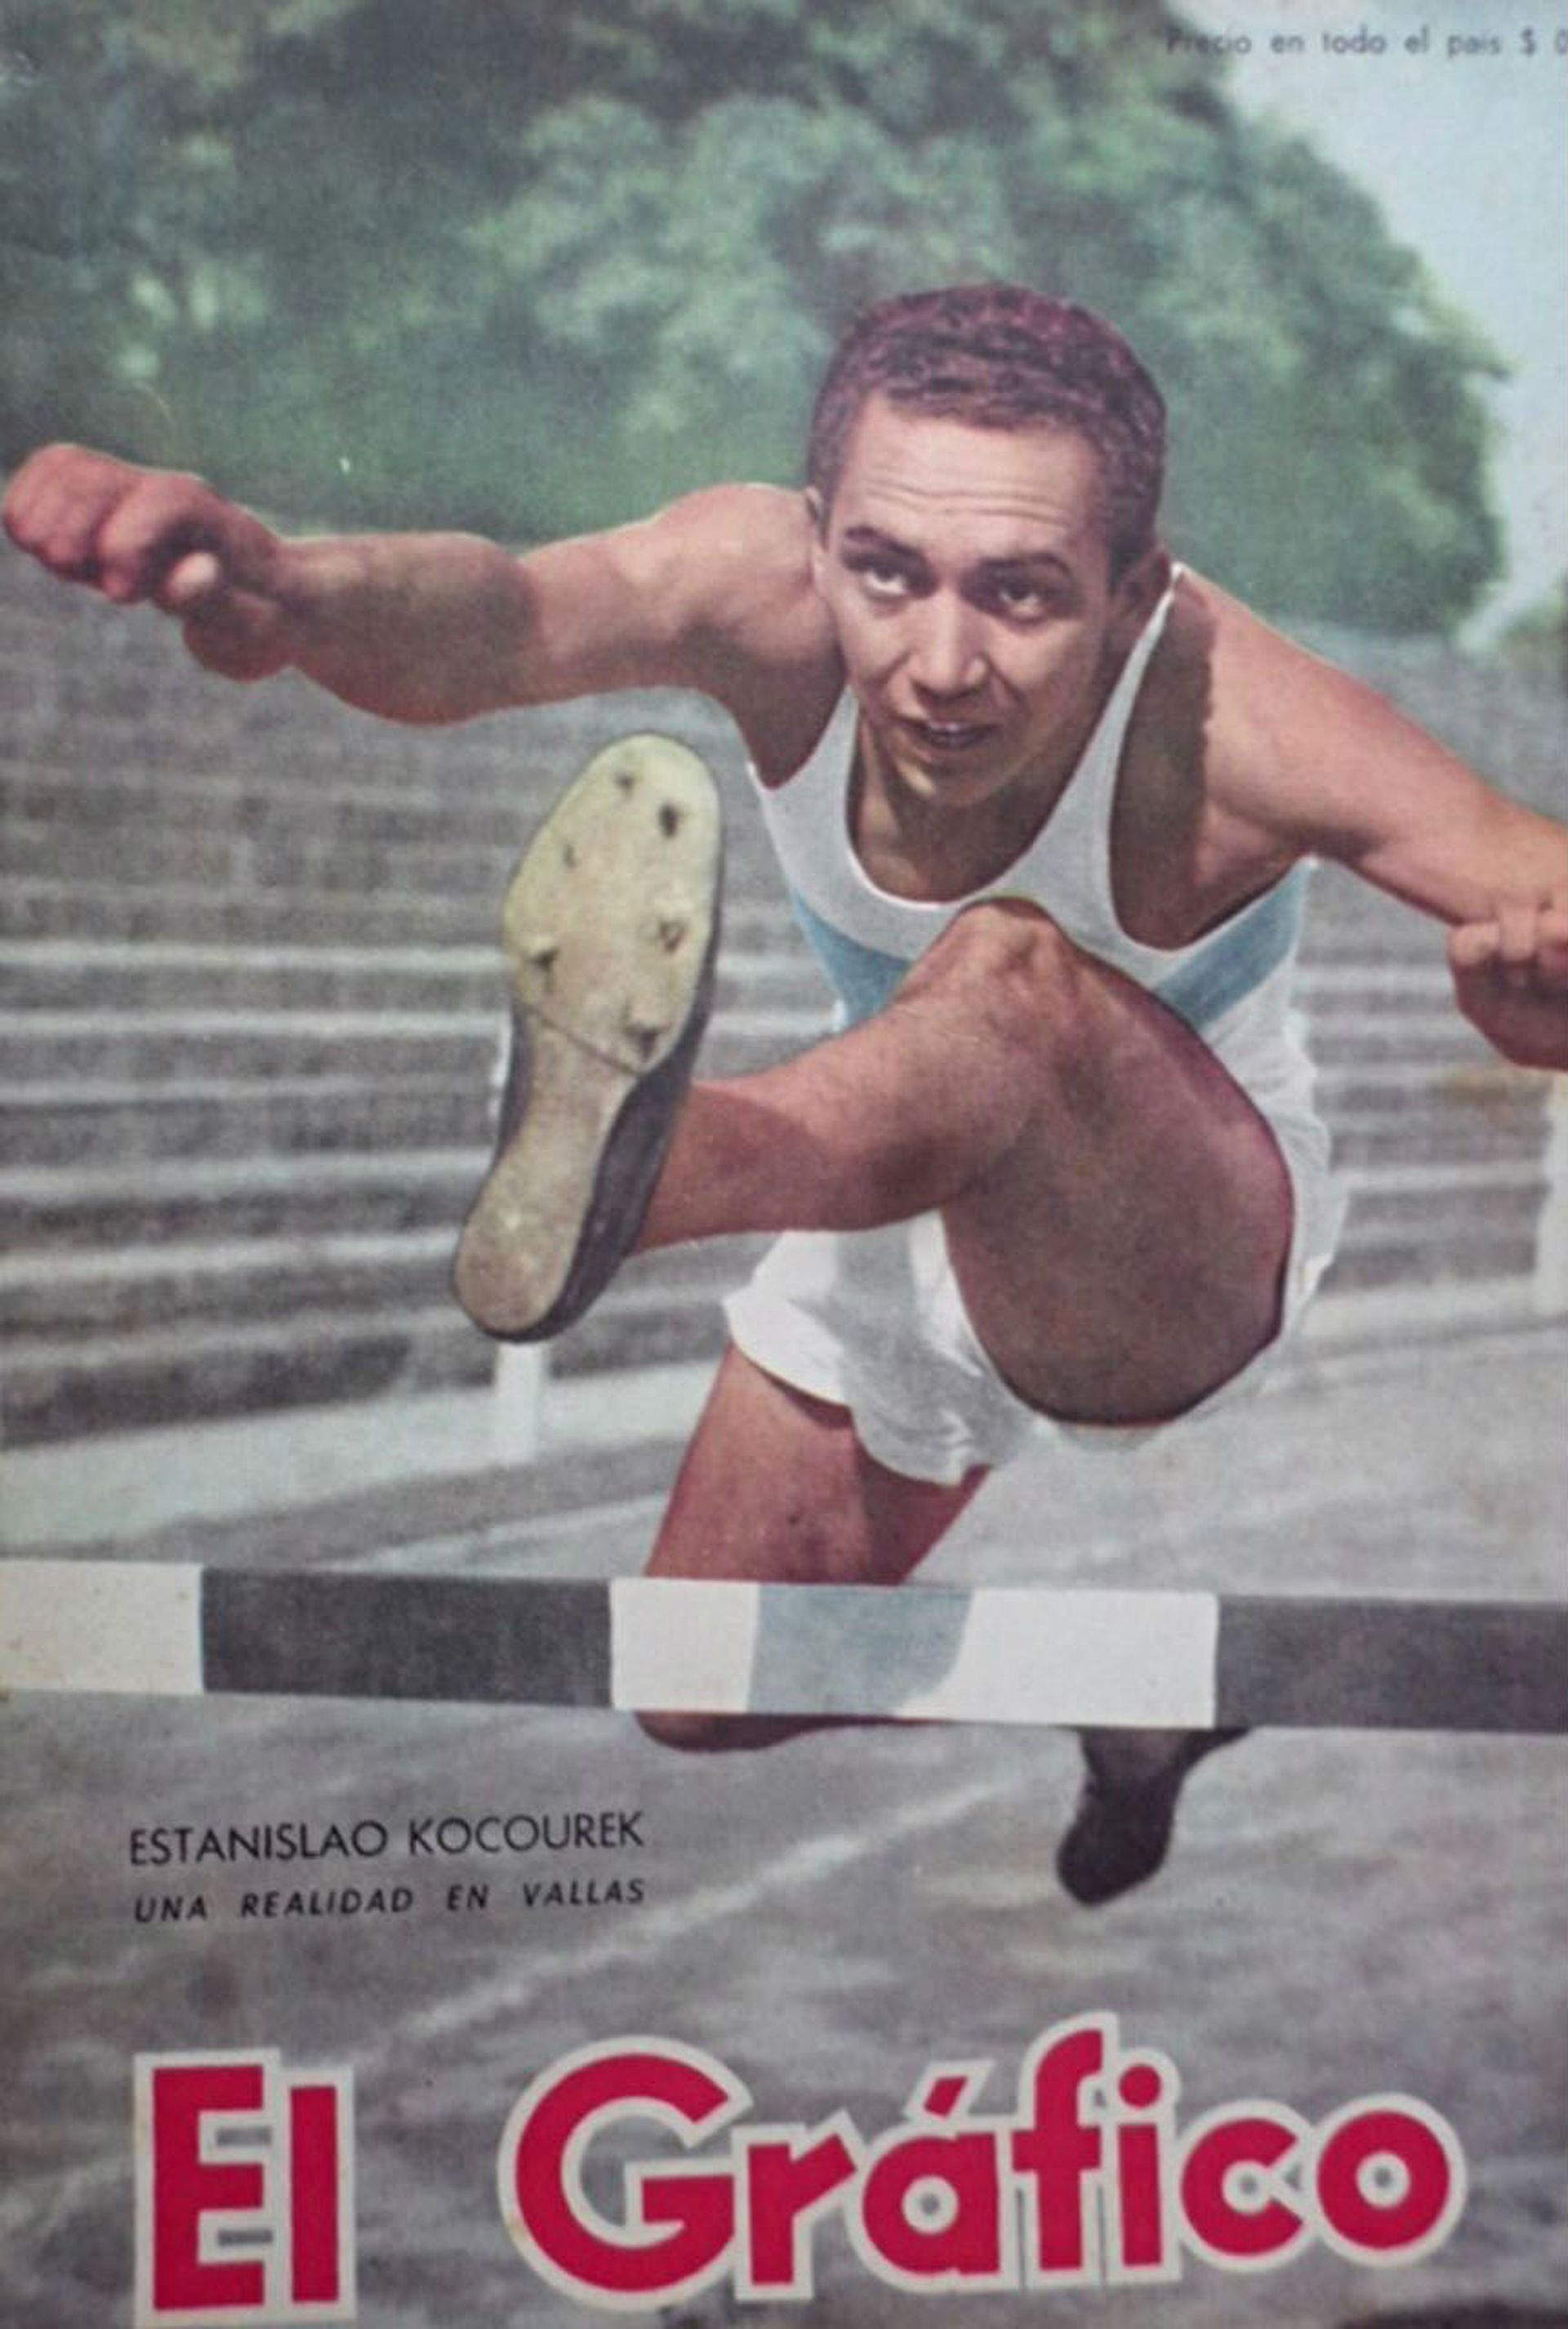 Estanislao Kocourek en la tapa de El Gráfico